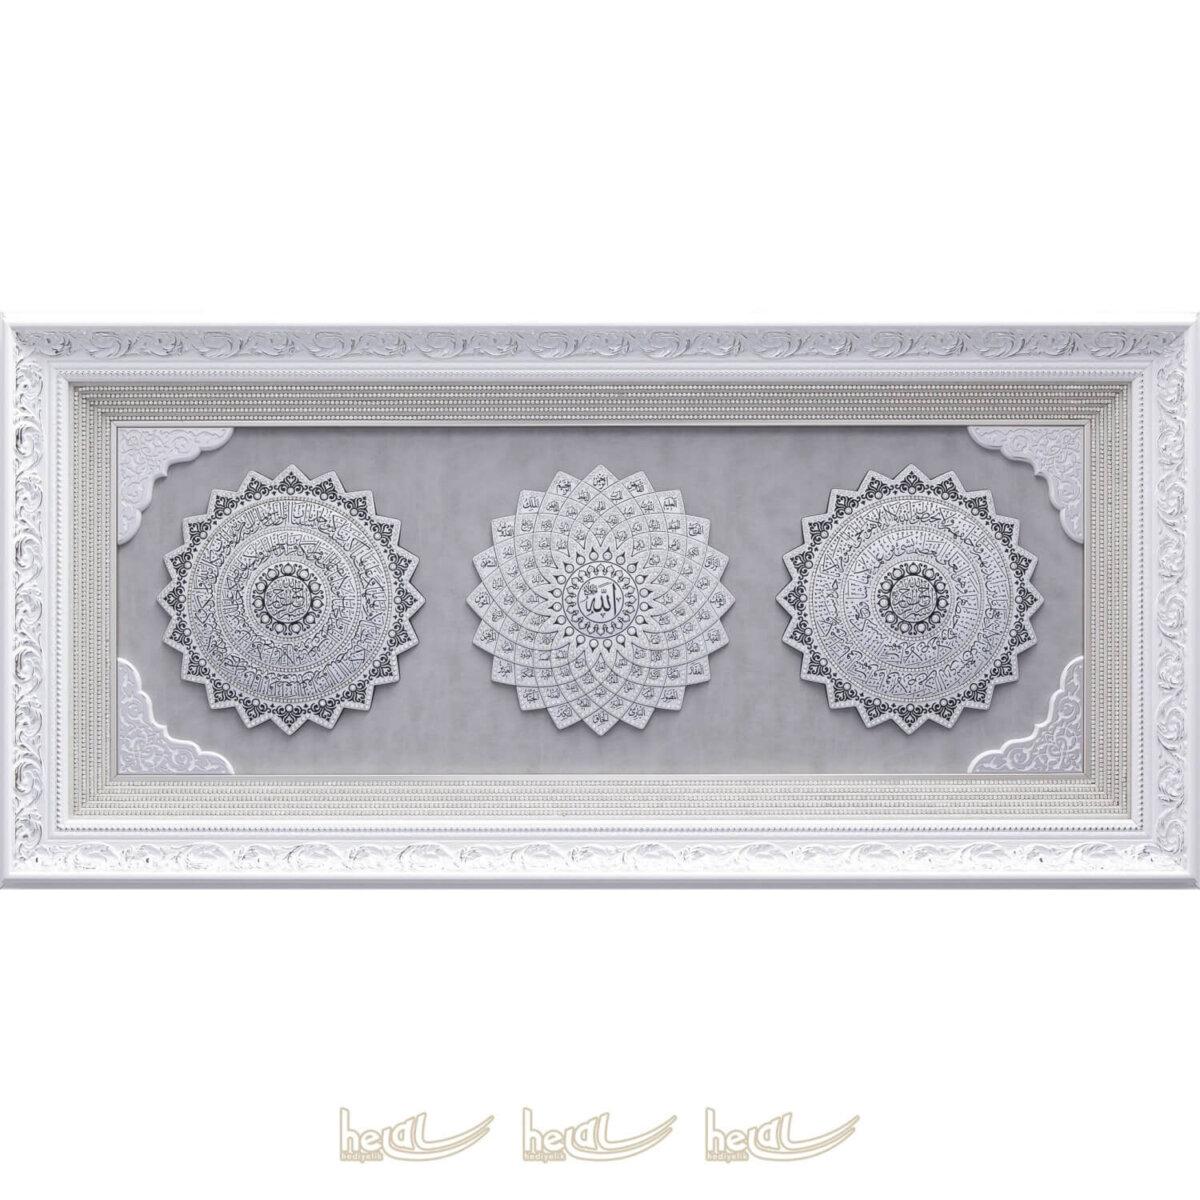 58x118cm Amener Resulu- Esmaül Hüsna- Ayetel Kürsi Papatya Modeli Paspartusu Taşlı 3′ lü Ayet Çerçeve Tablo Ayetli Ürünler